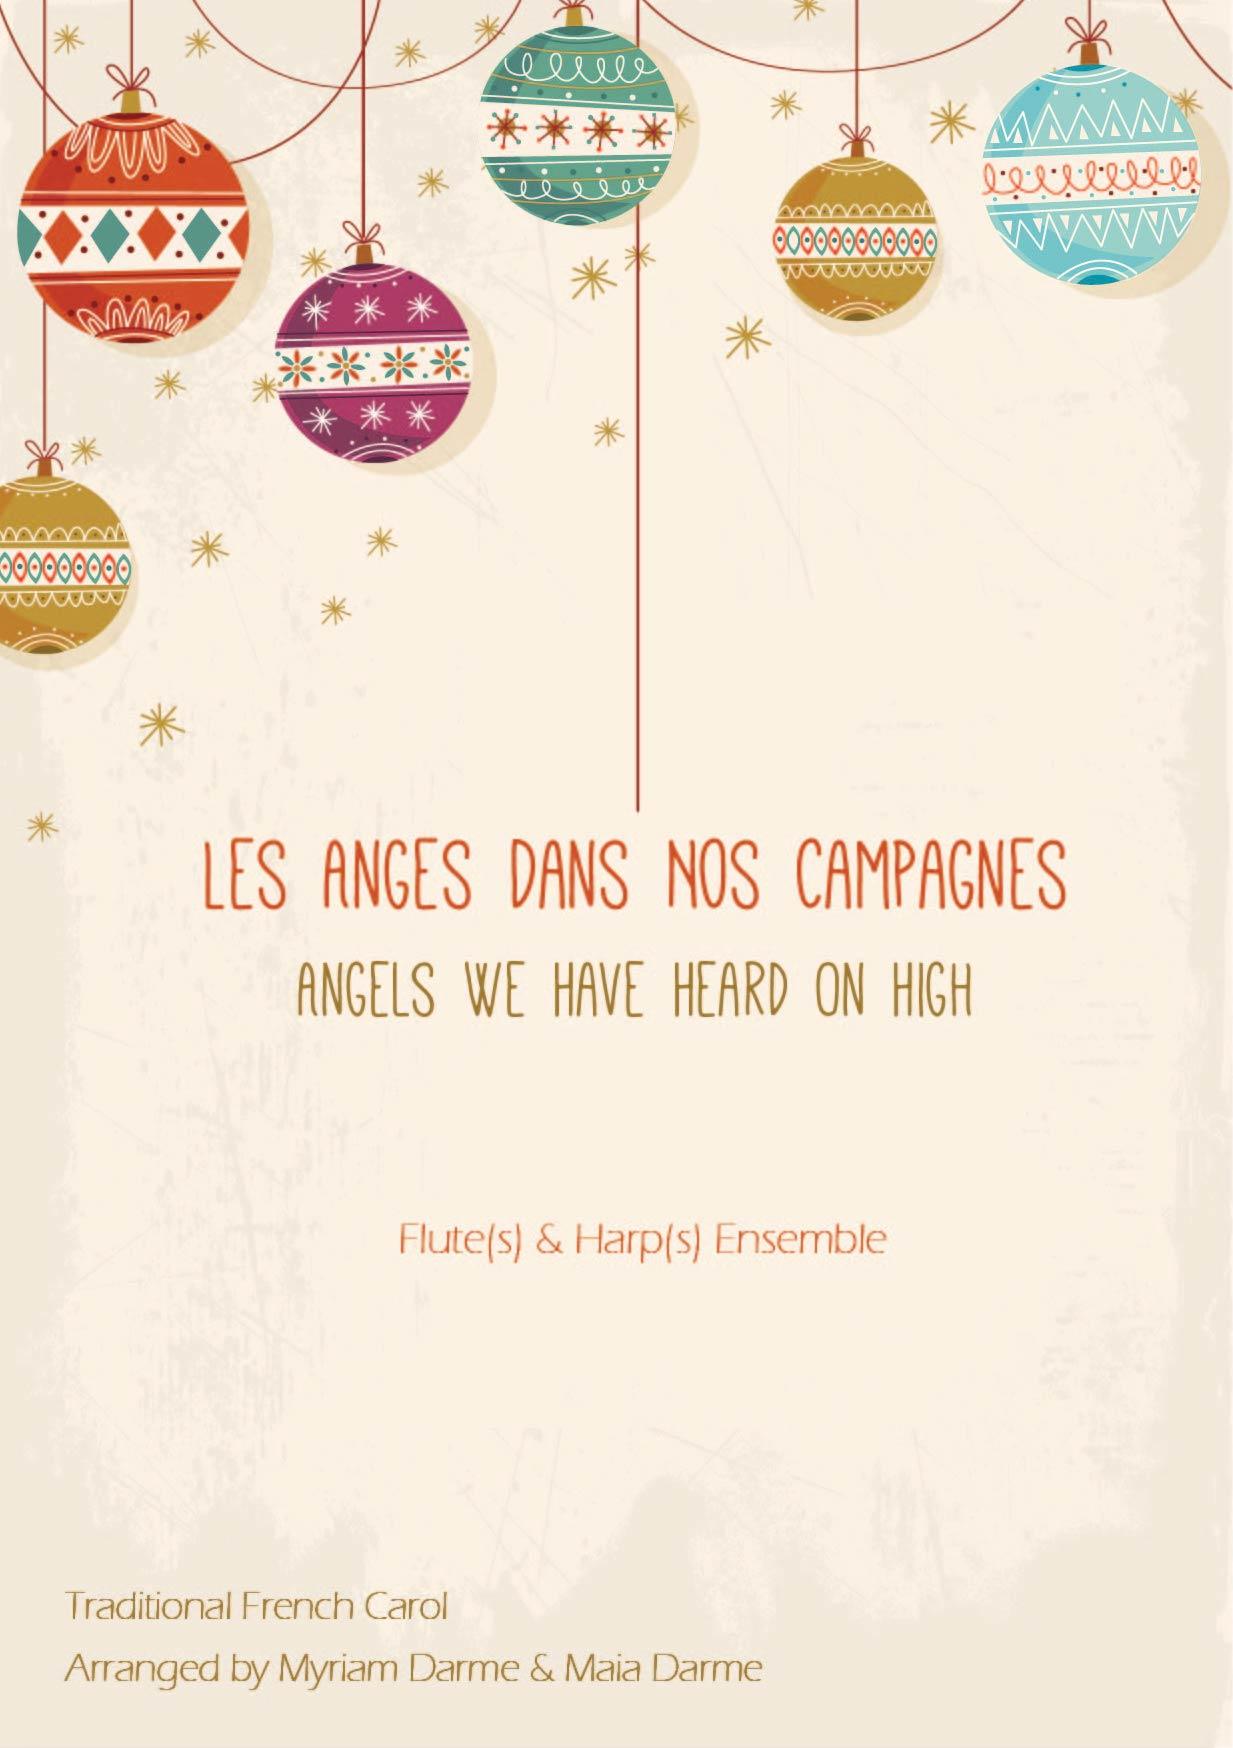 Partition-Les-anges-dans-nos-campagnes.jpg